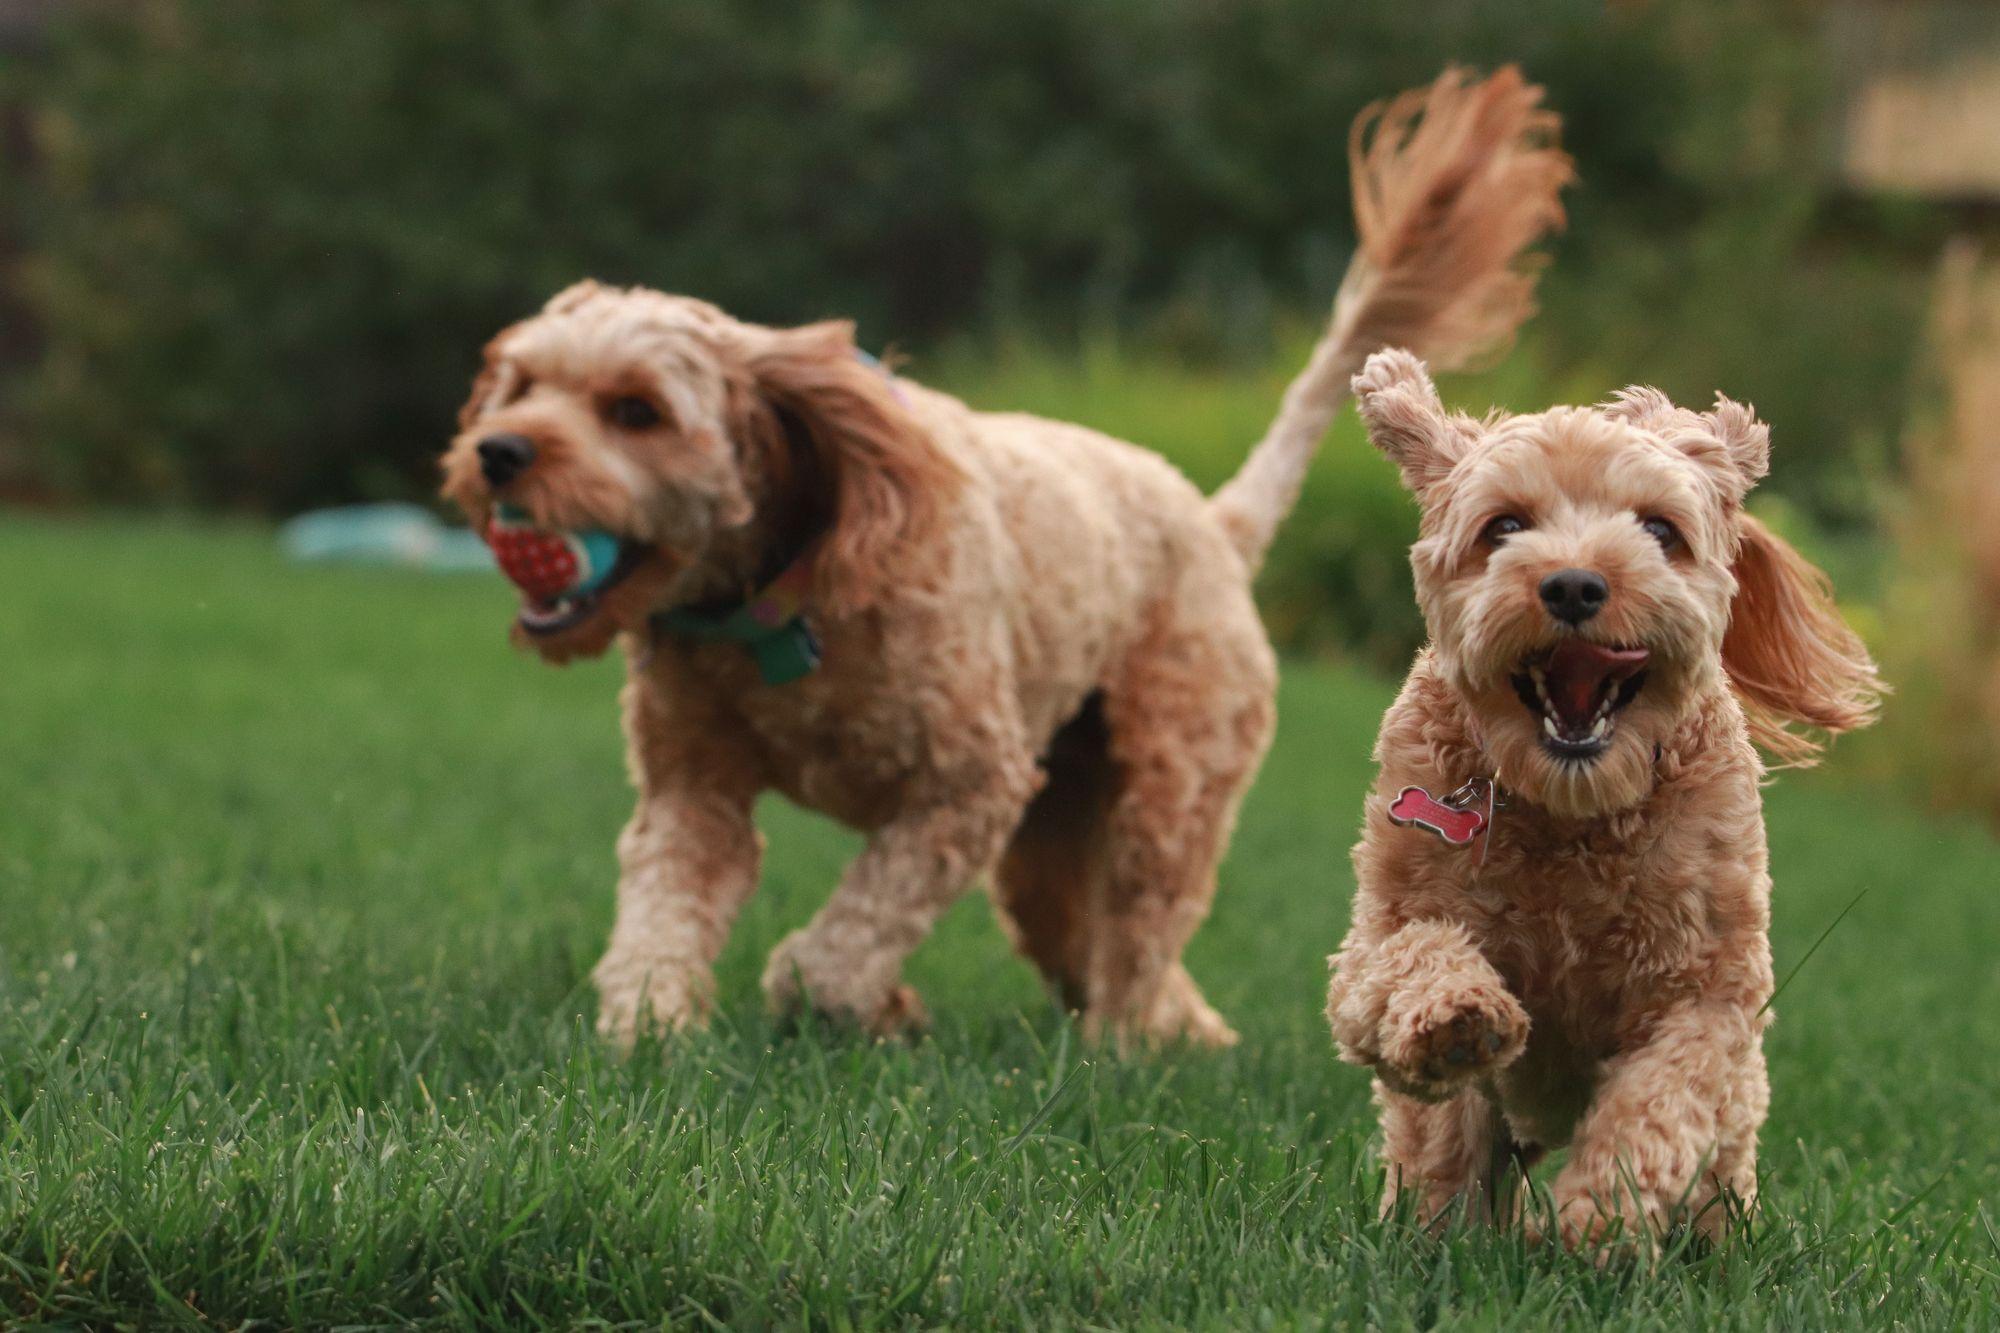 garden-activities-with-dogs-unsplash-source